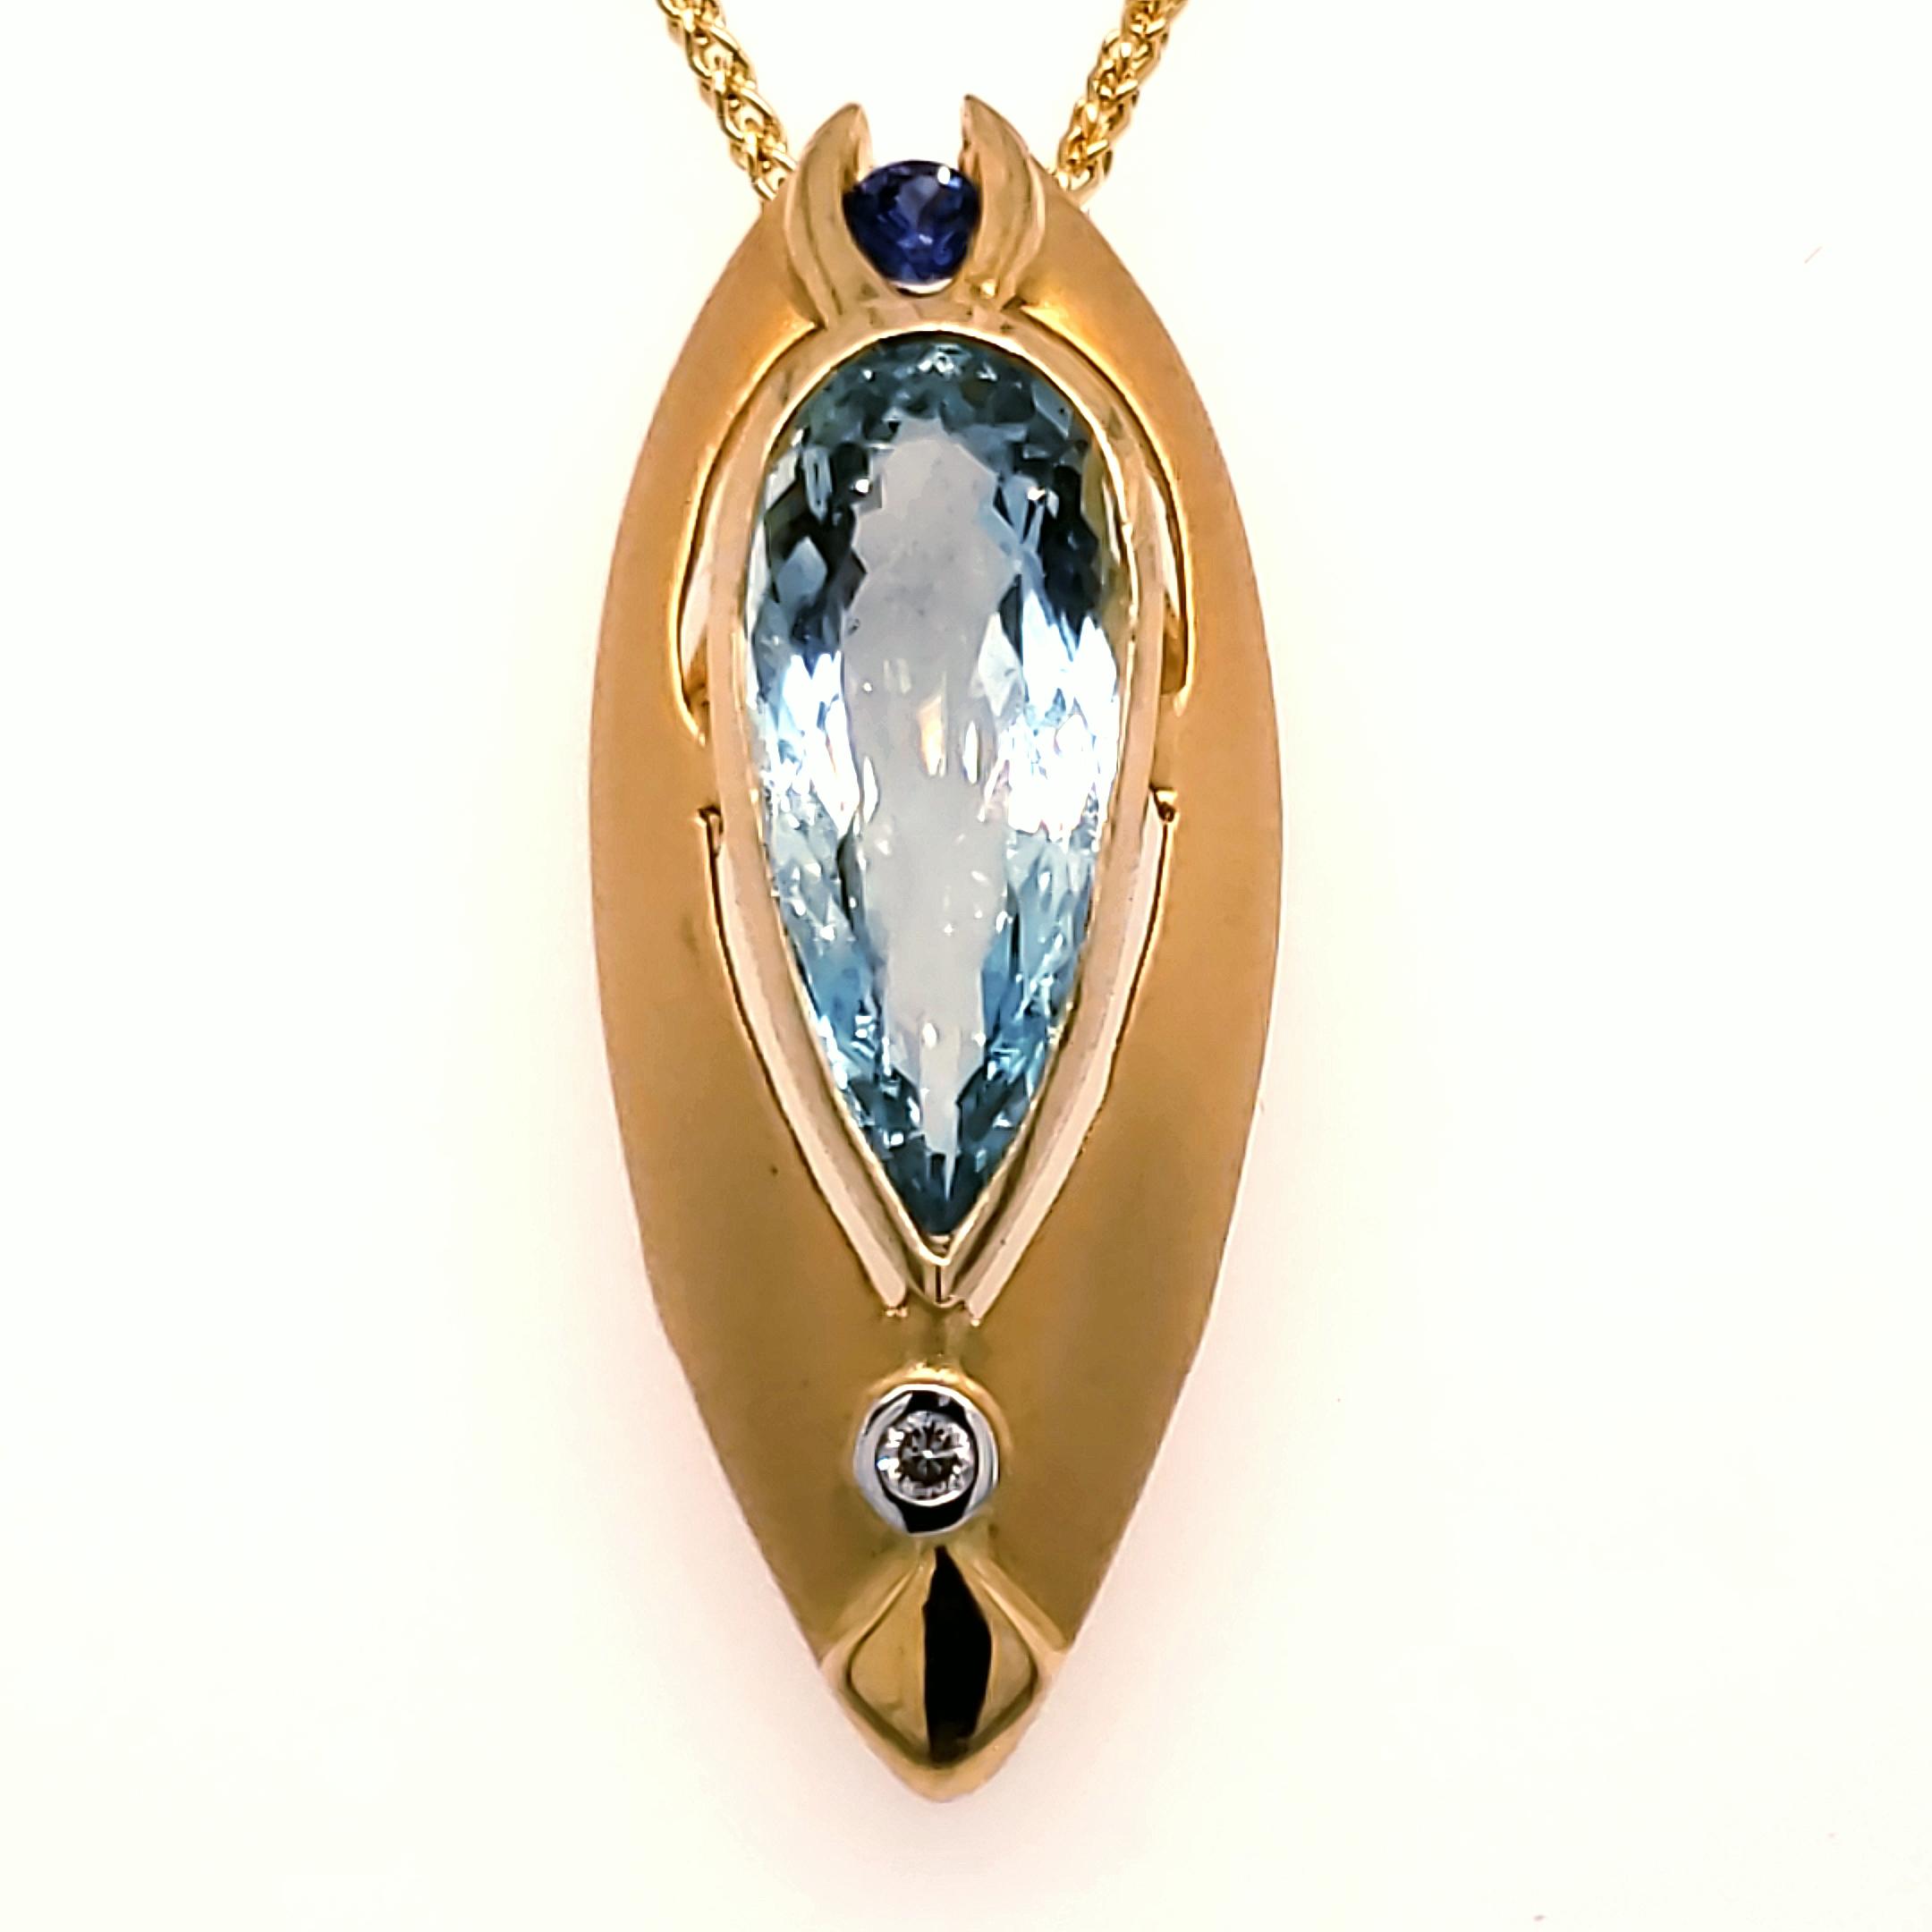 Aquamarine and Blue Sapphire Pendant